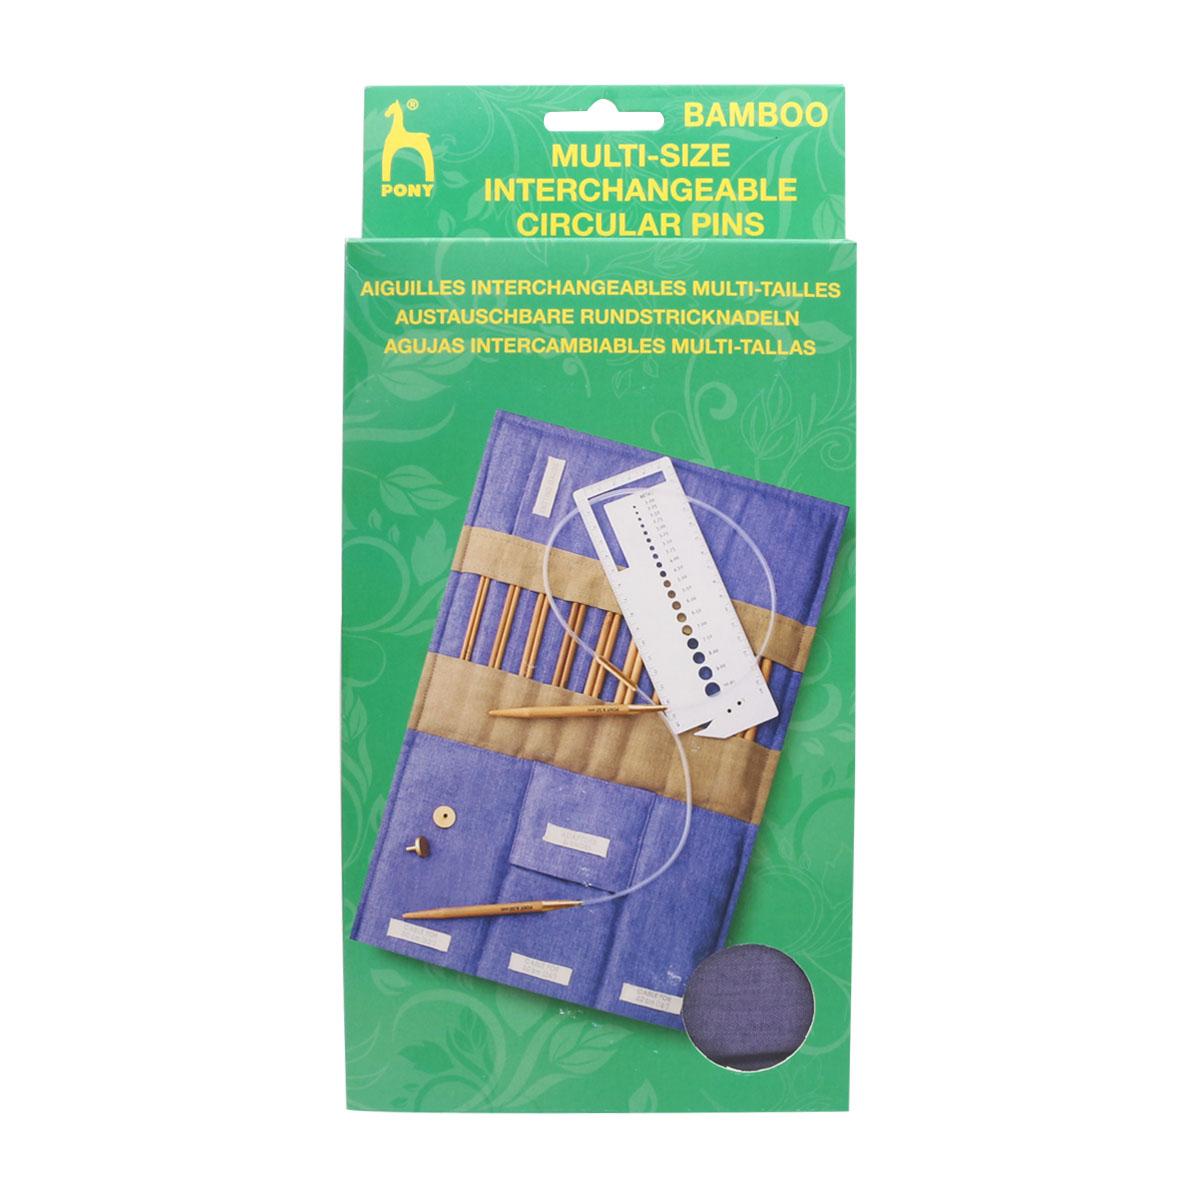 57801 Набор вязальных принадлежностей подарочный многофункциональный, бамбук, 30 предметов PONY